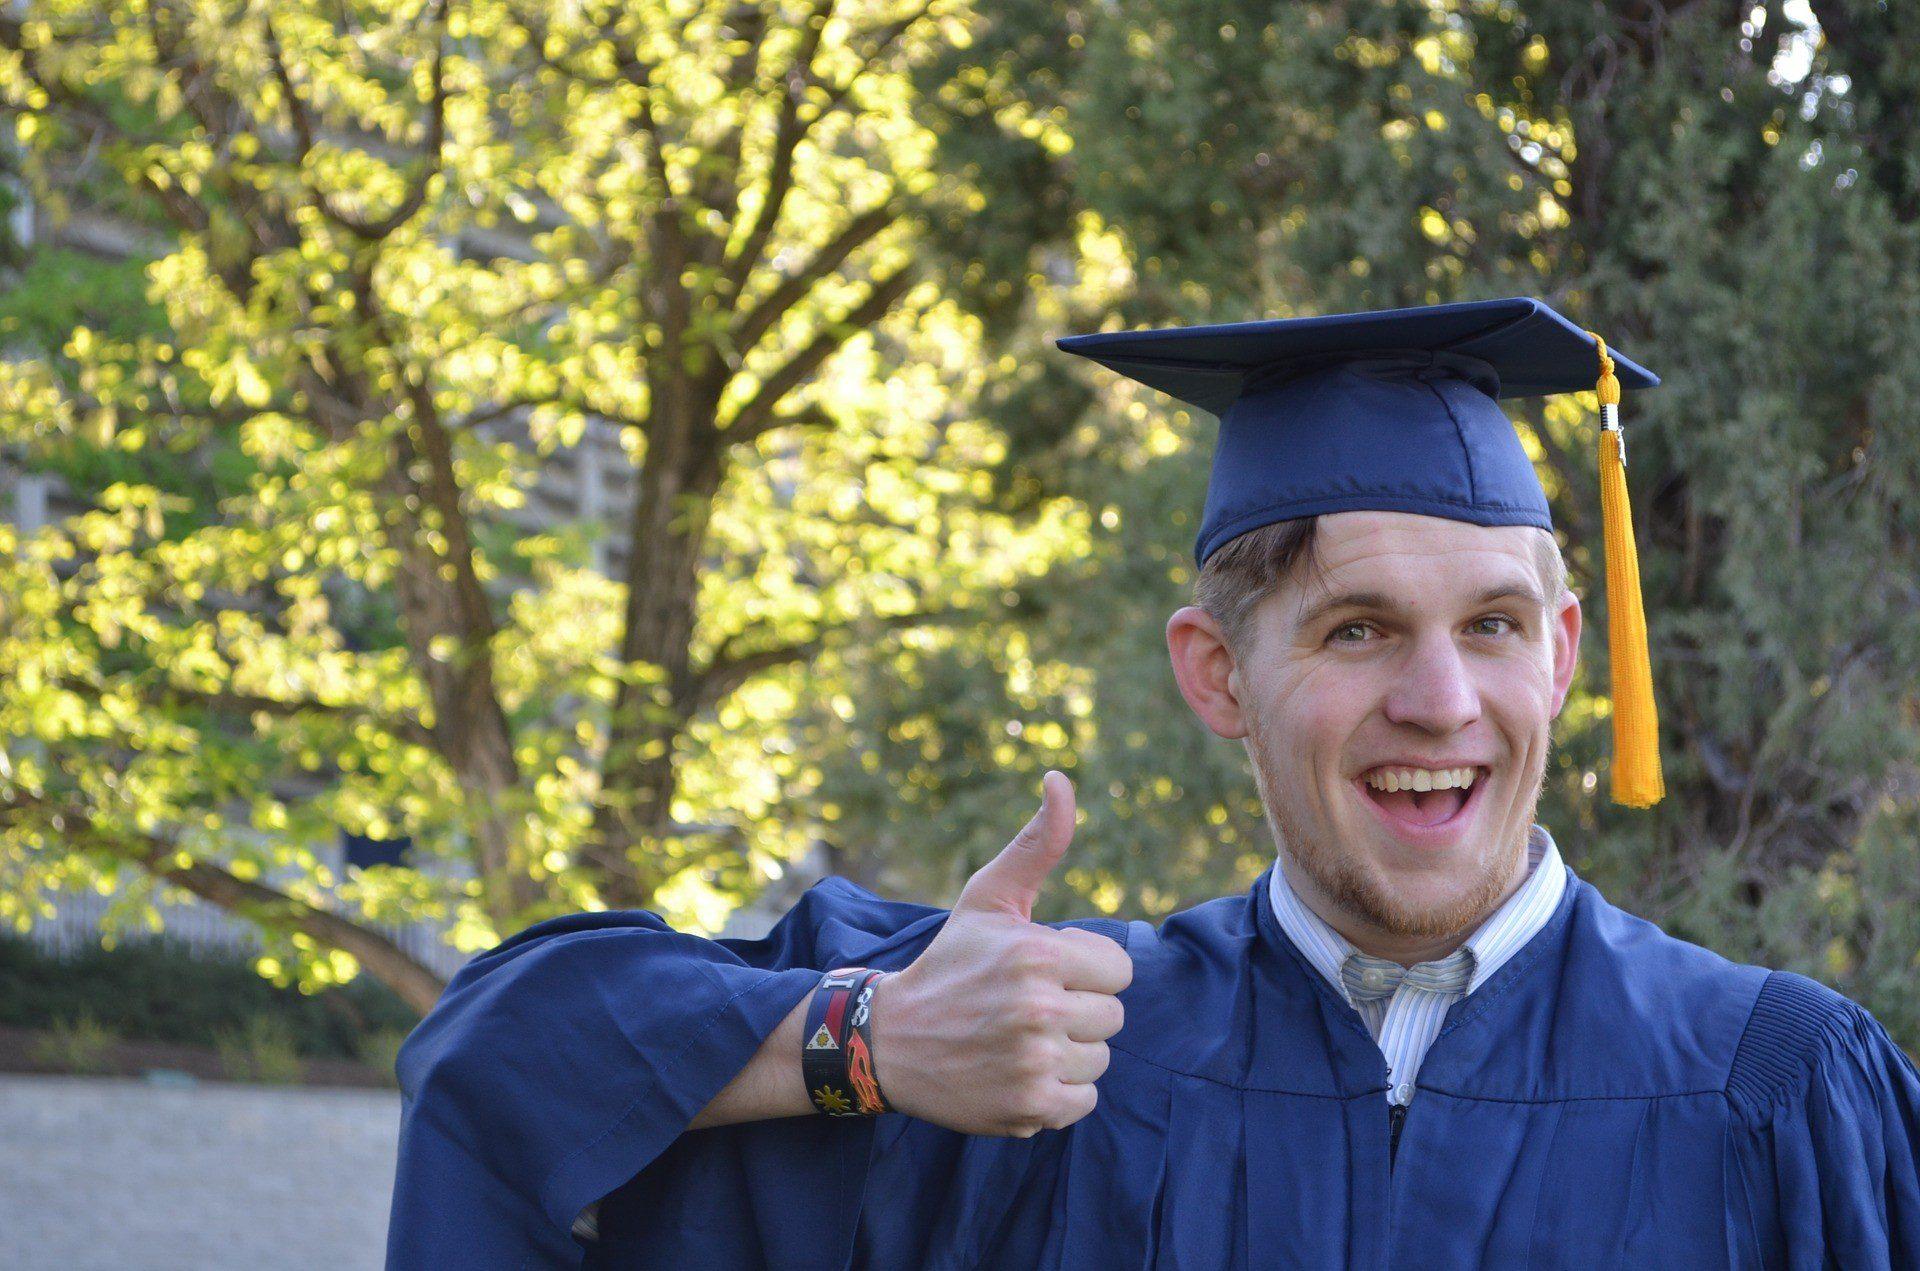 Especialista ensina o caminho para escolher um MBA alinhado aos seus propósitos